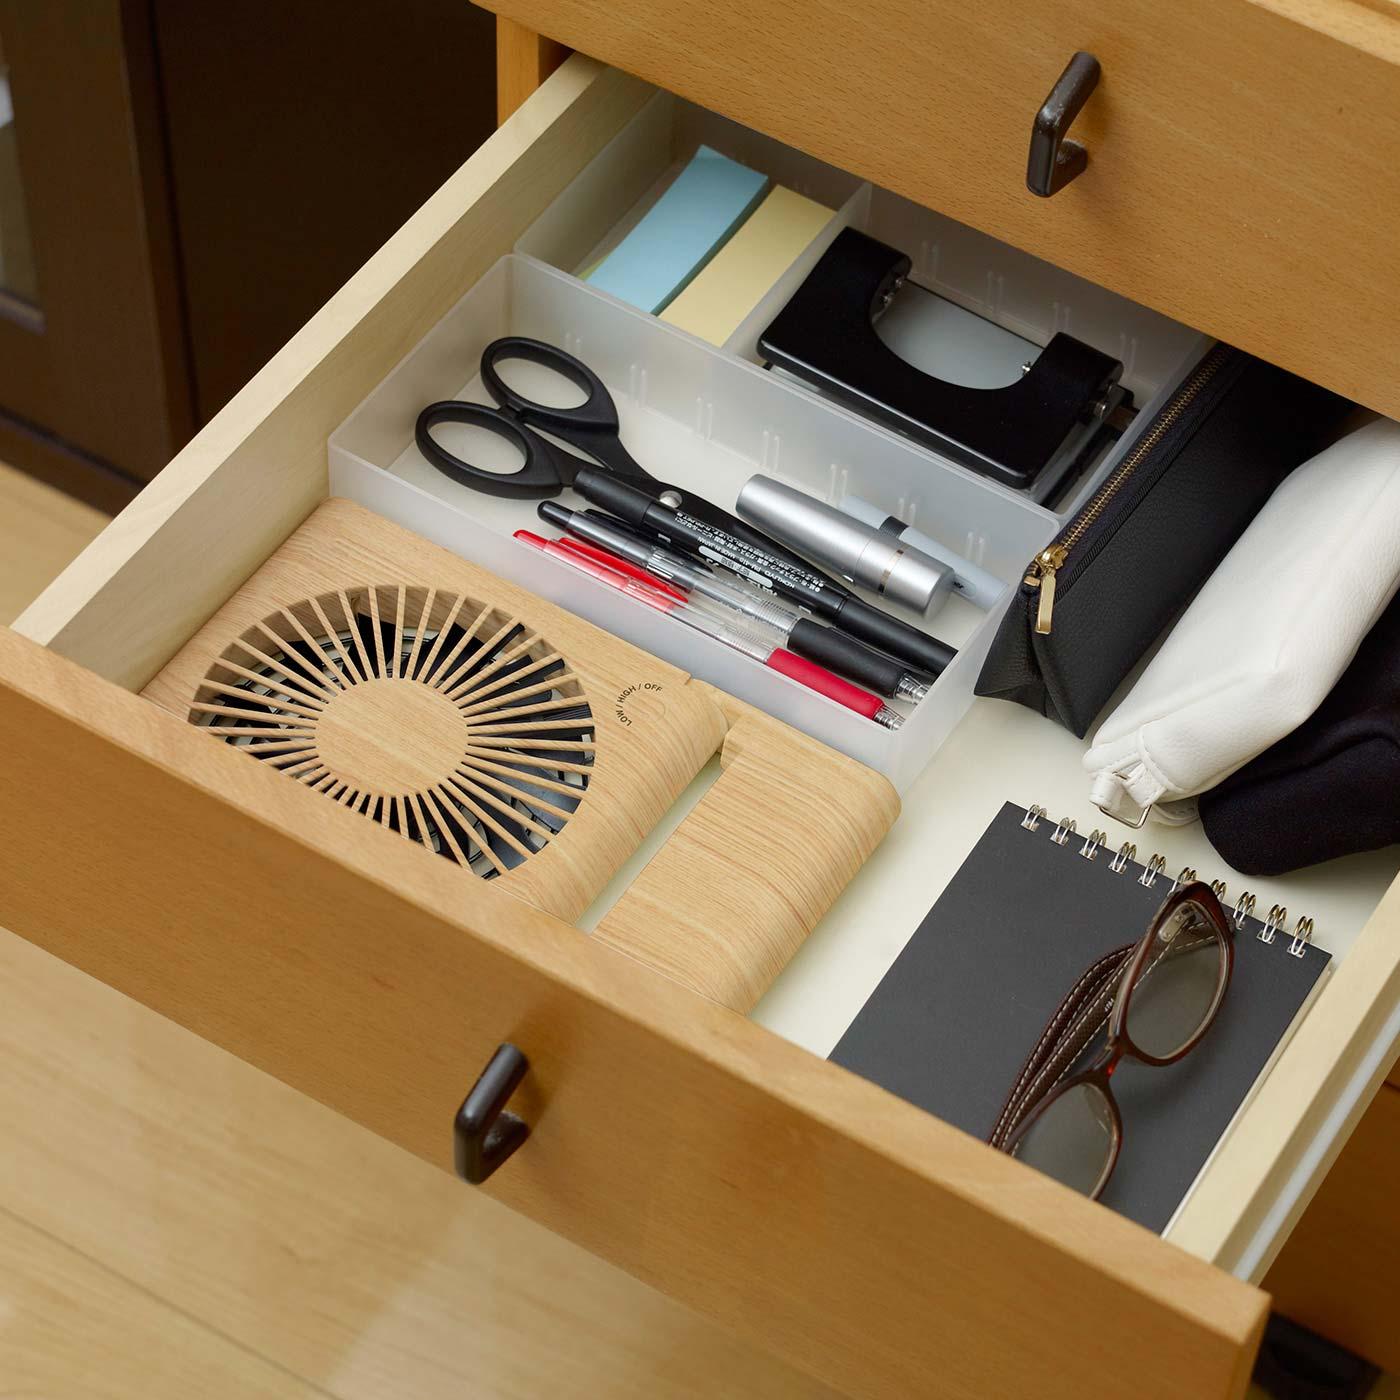 本棚や引き出しにコンパクトに収納できます。